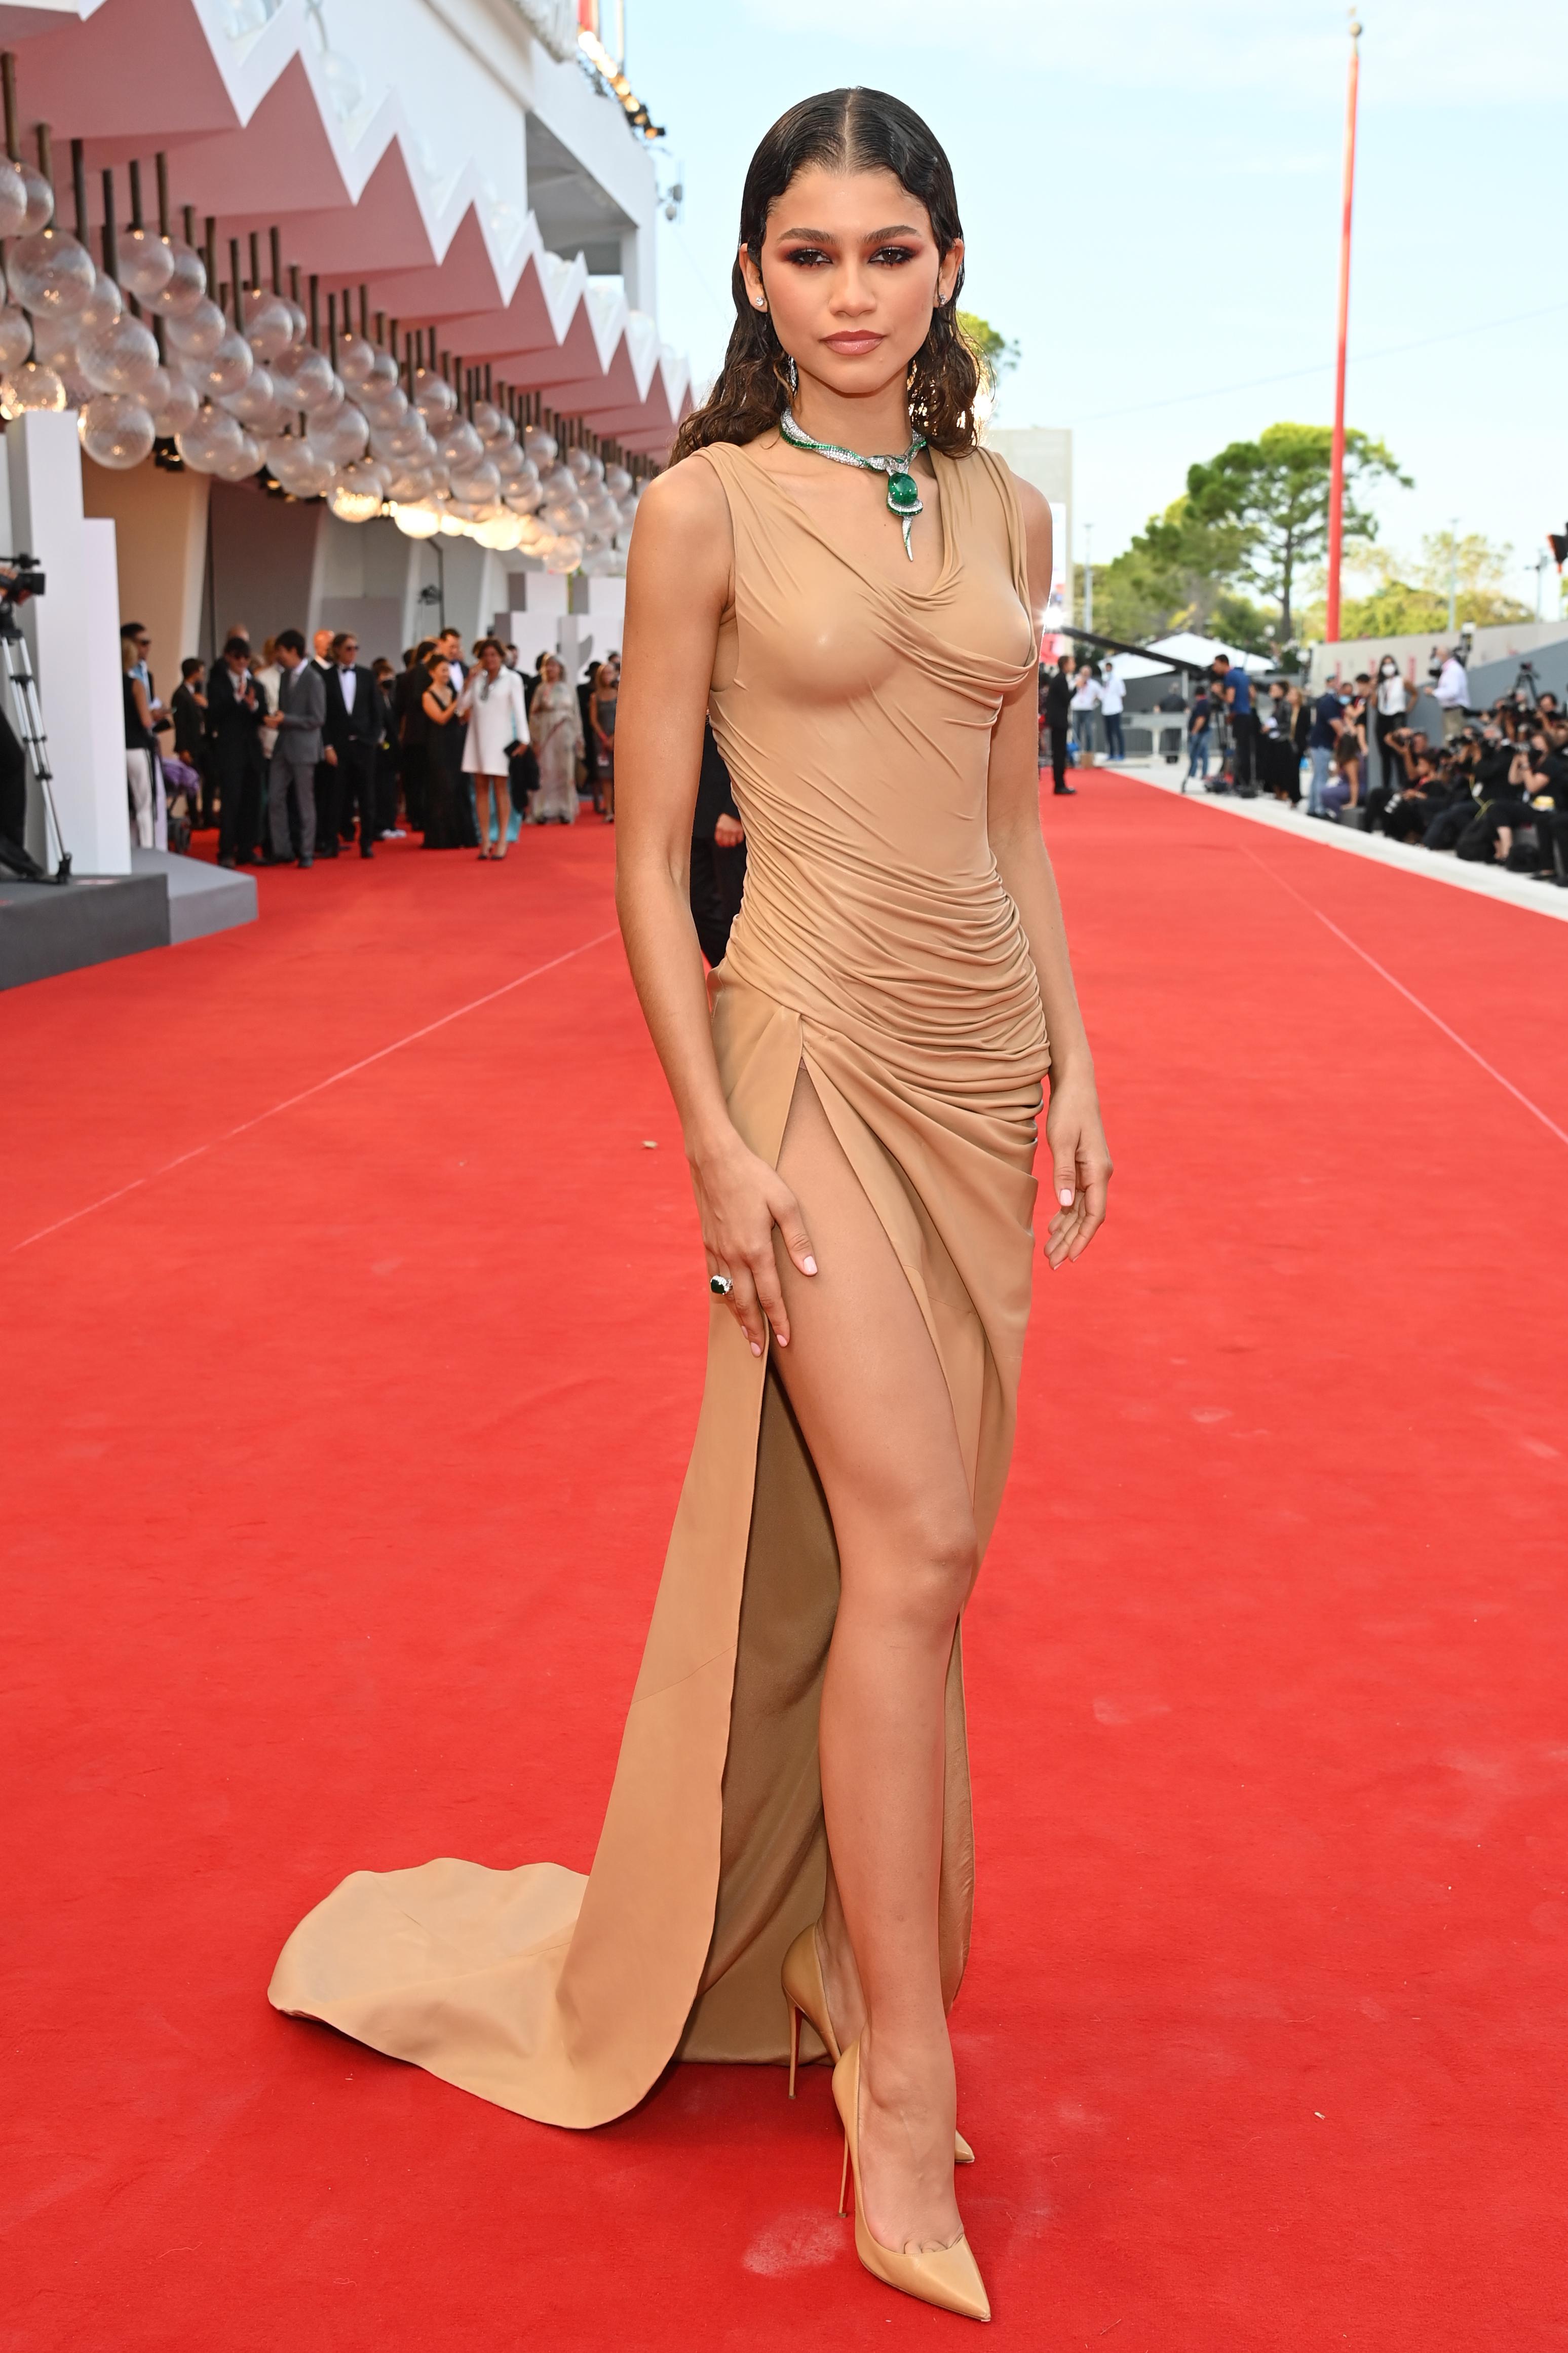 Zendaya no tapete vermelho de Duna, no Festival de Cinema de Veneza. Ela está usando um vestido nude com fenda lateral e colar prata com pedra esmeralda.